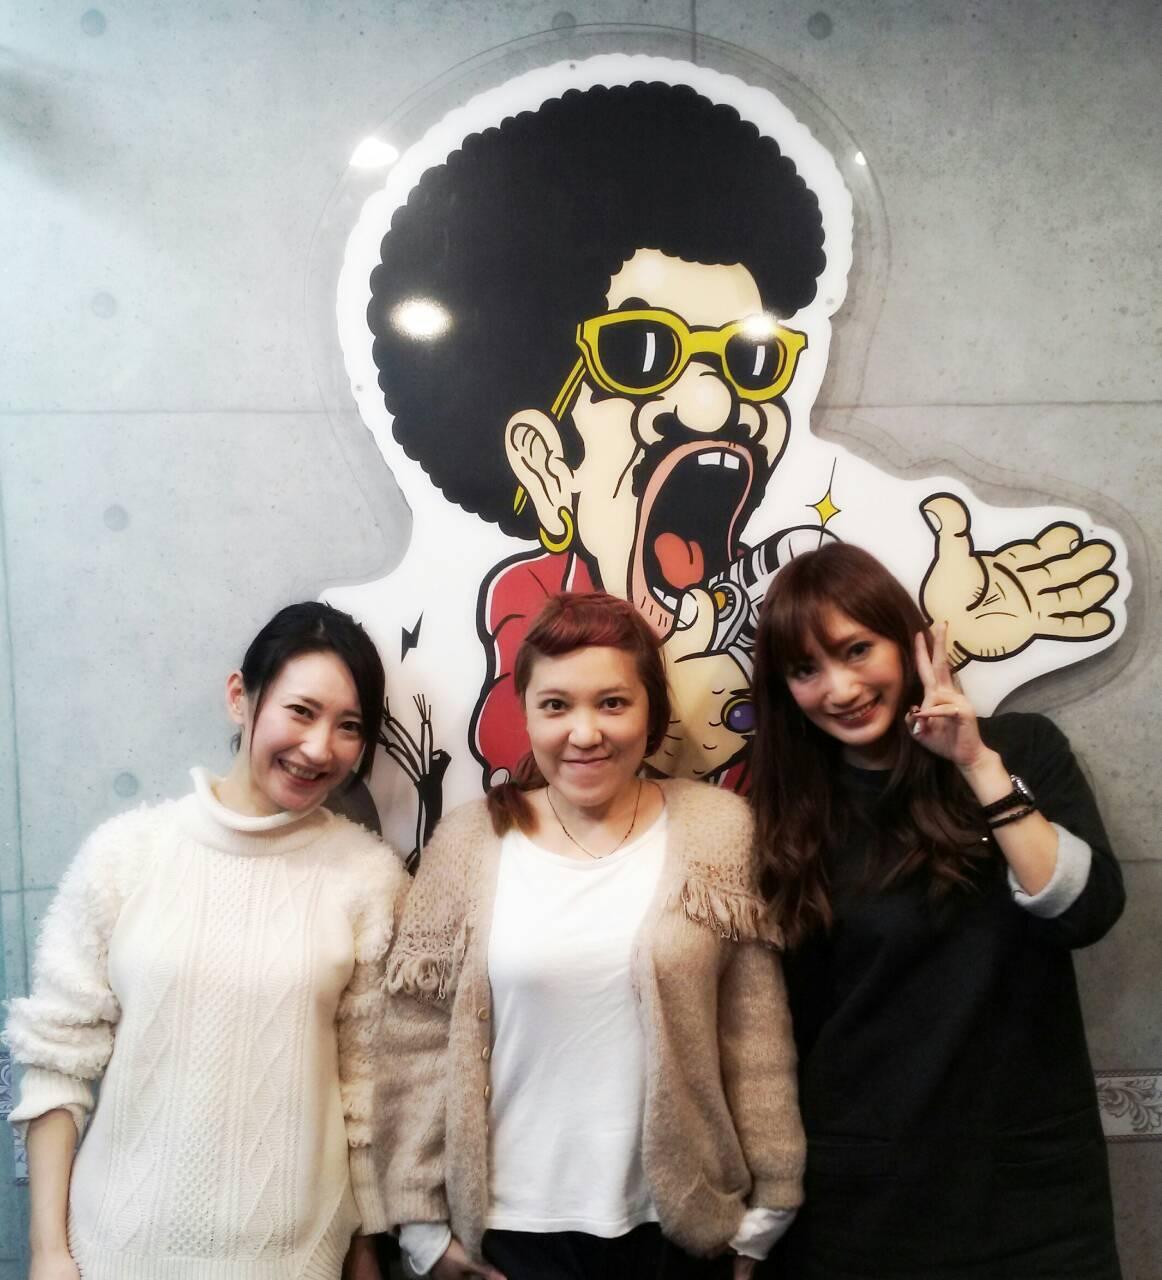 レインボータウンFM 『美 style』